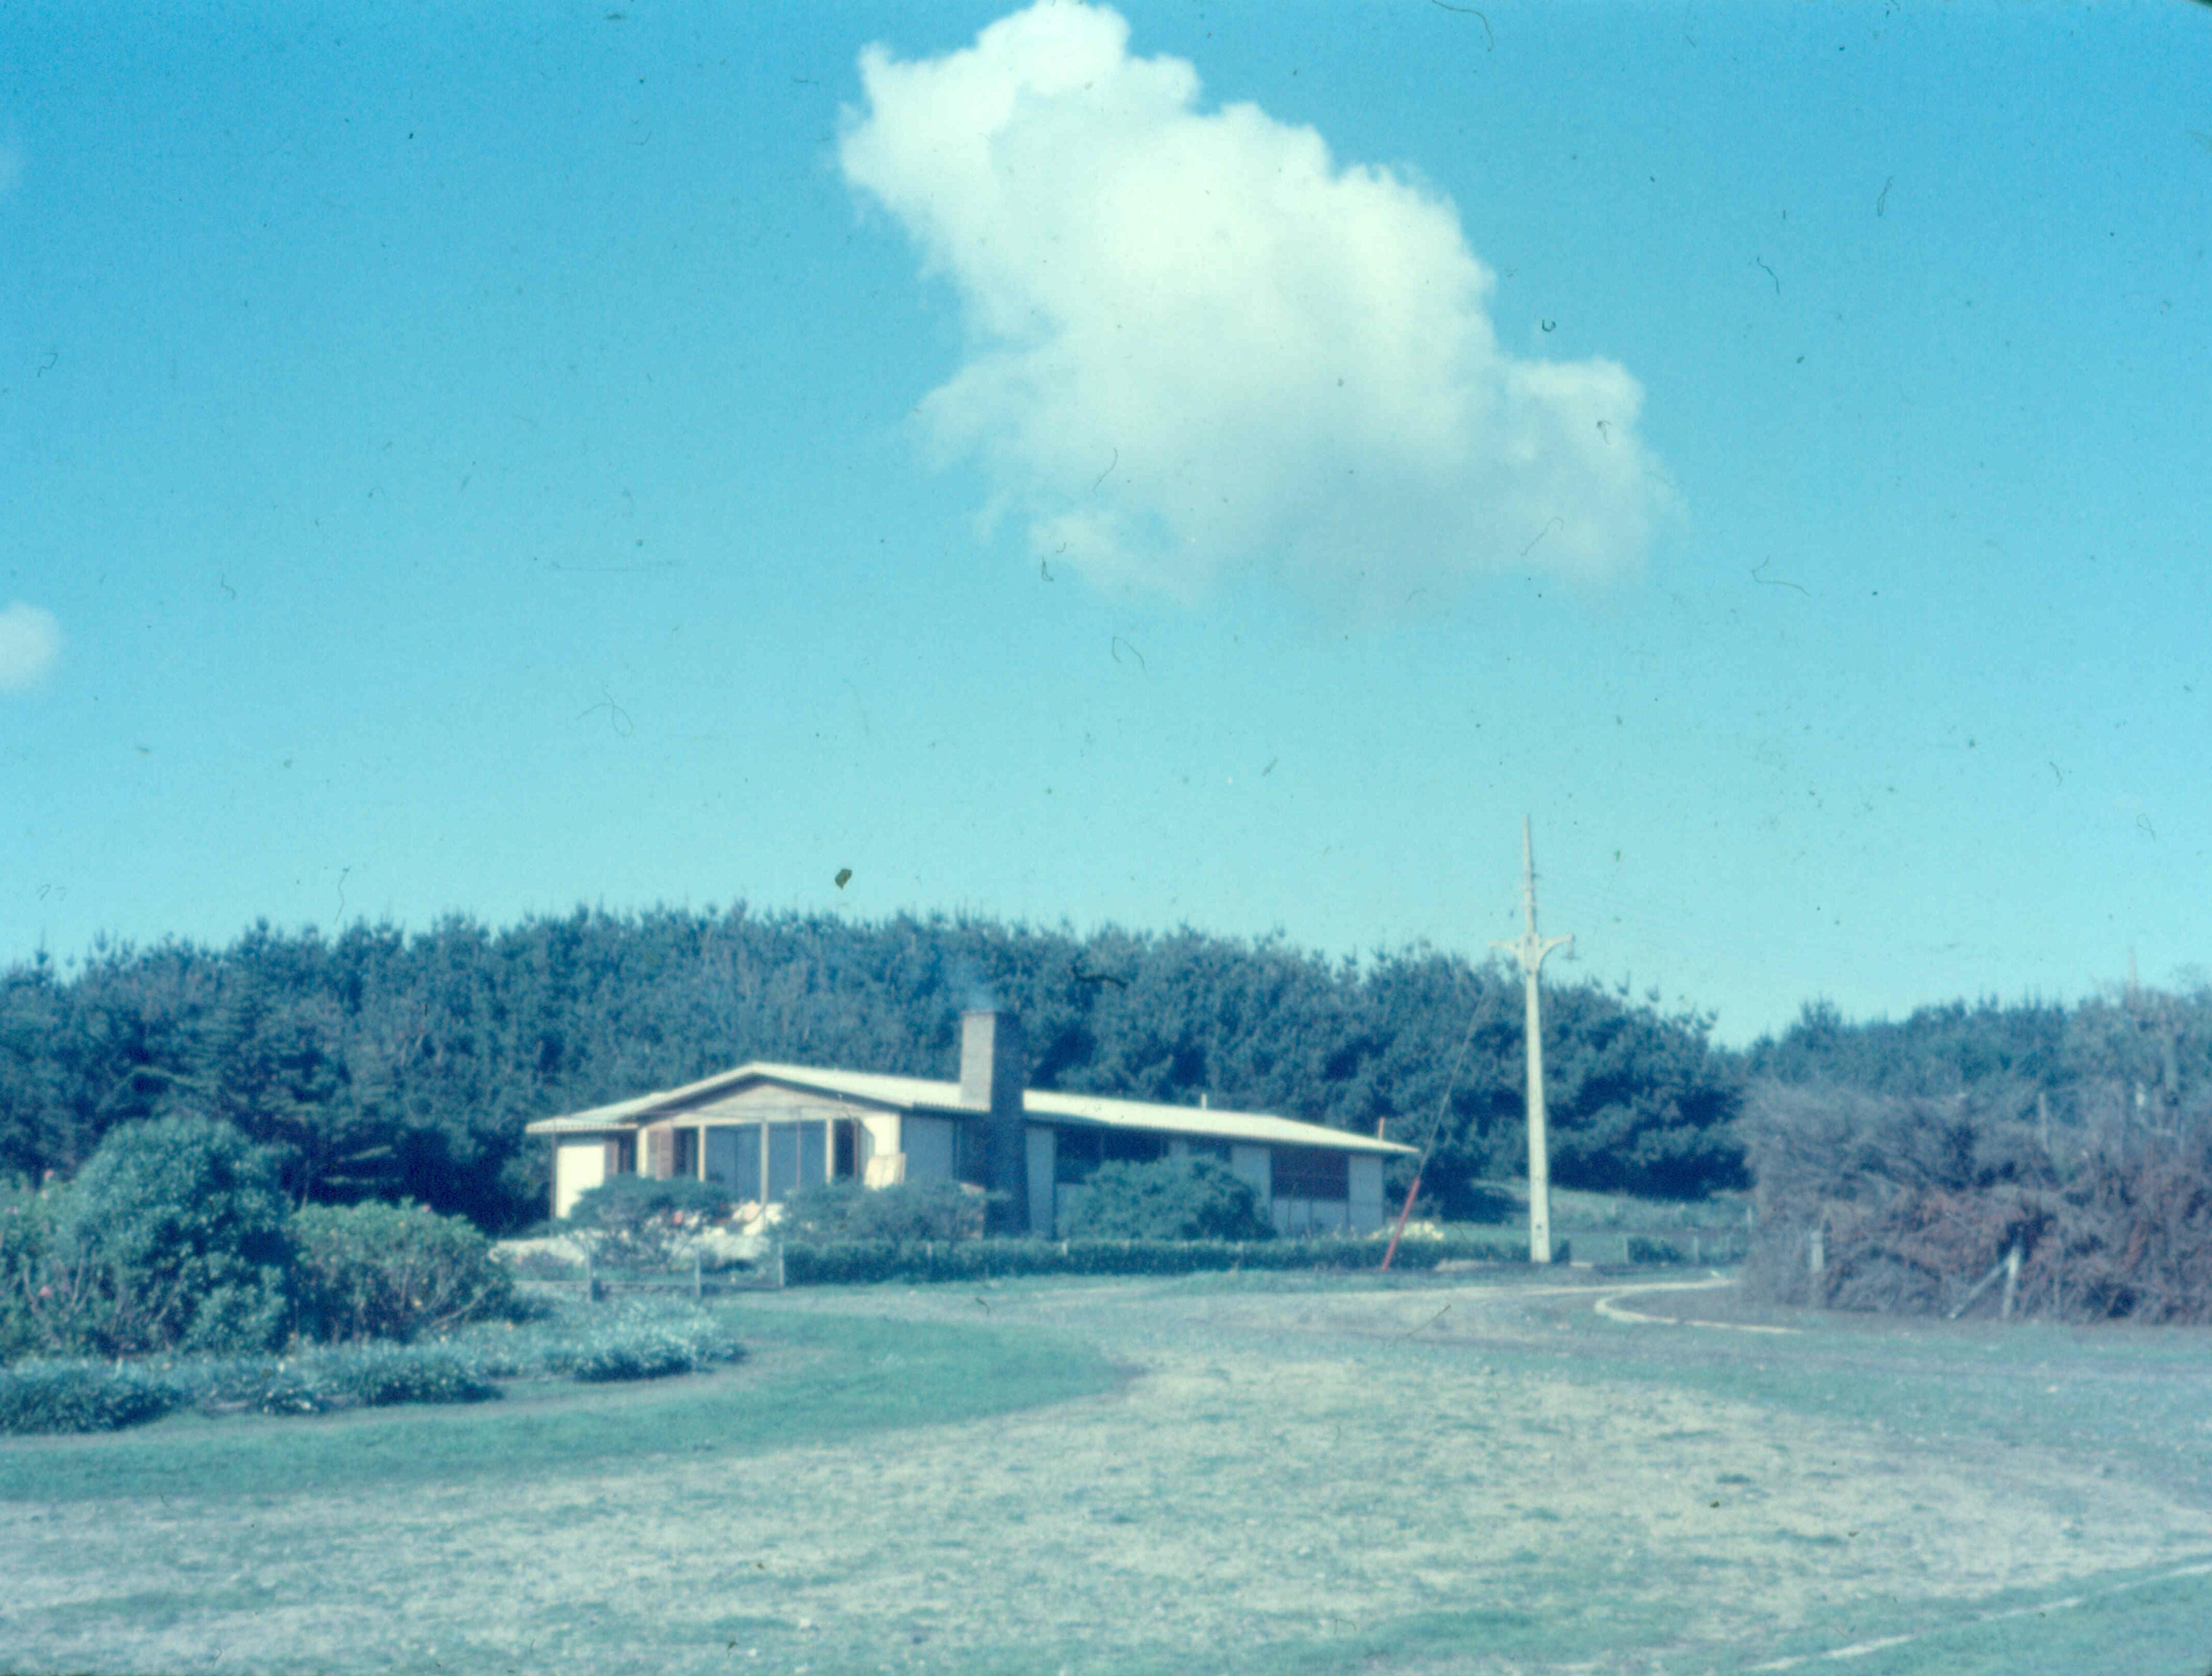 Enterreno - Fotos históricas de chile - fotos antiguas de Chile - Santo Domingo en 1957